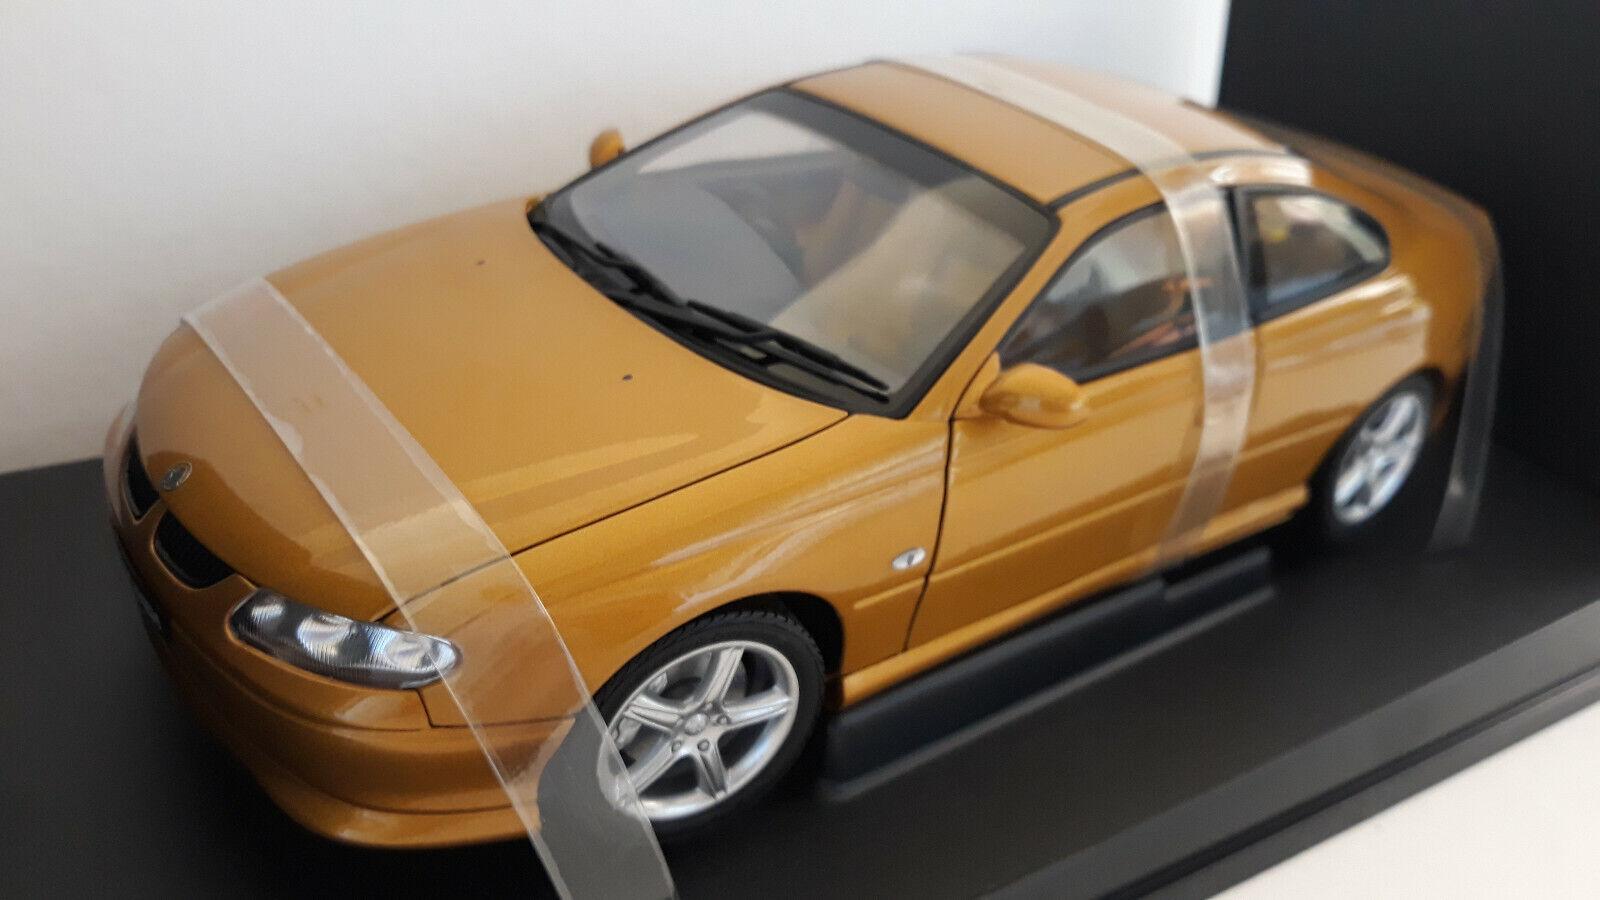 tienda de venta HOLDEN COUPE CONCEPT Coche or oro oro oro 1 18 AUTOart 73432 voiture miniature collection  venta